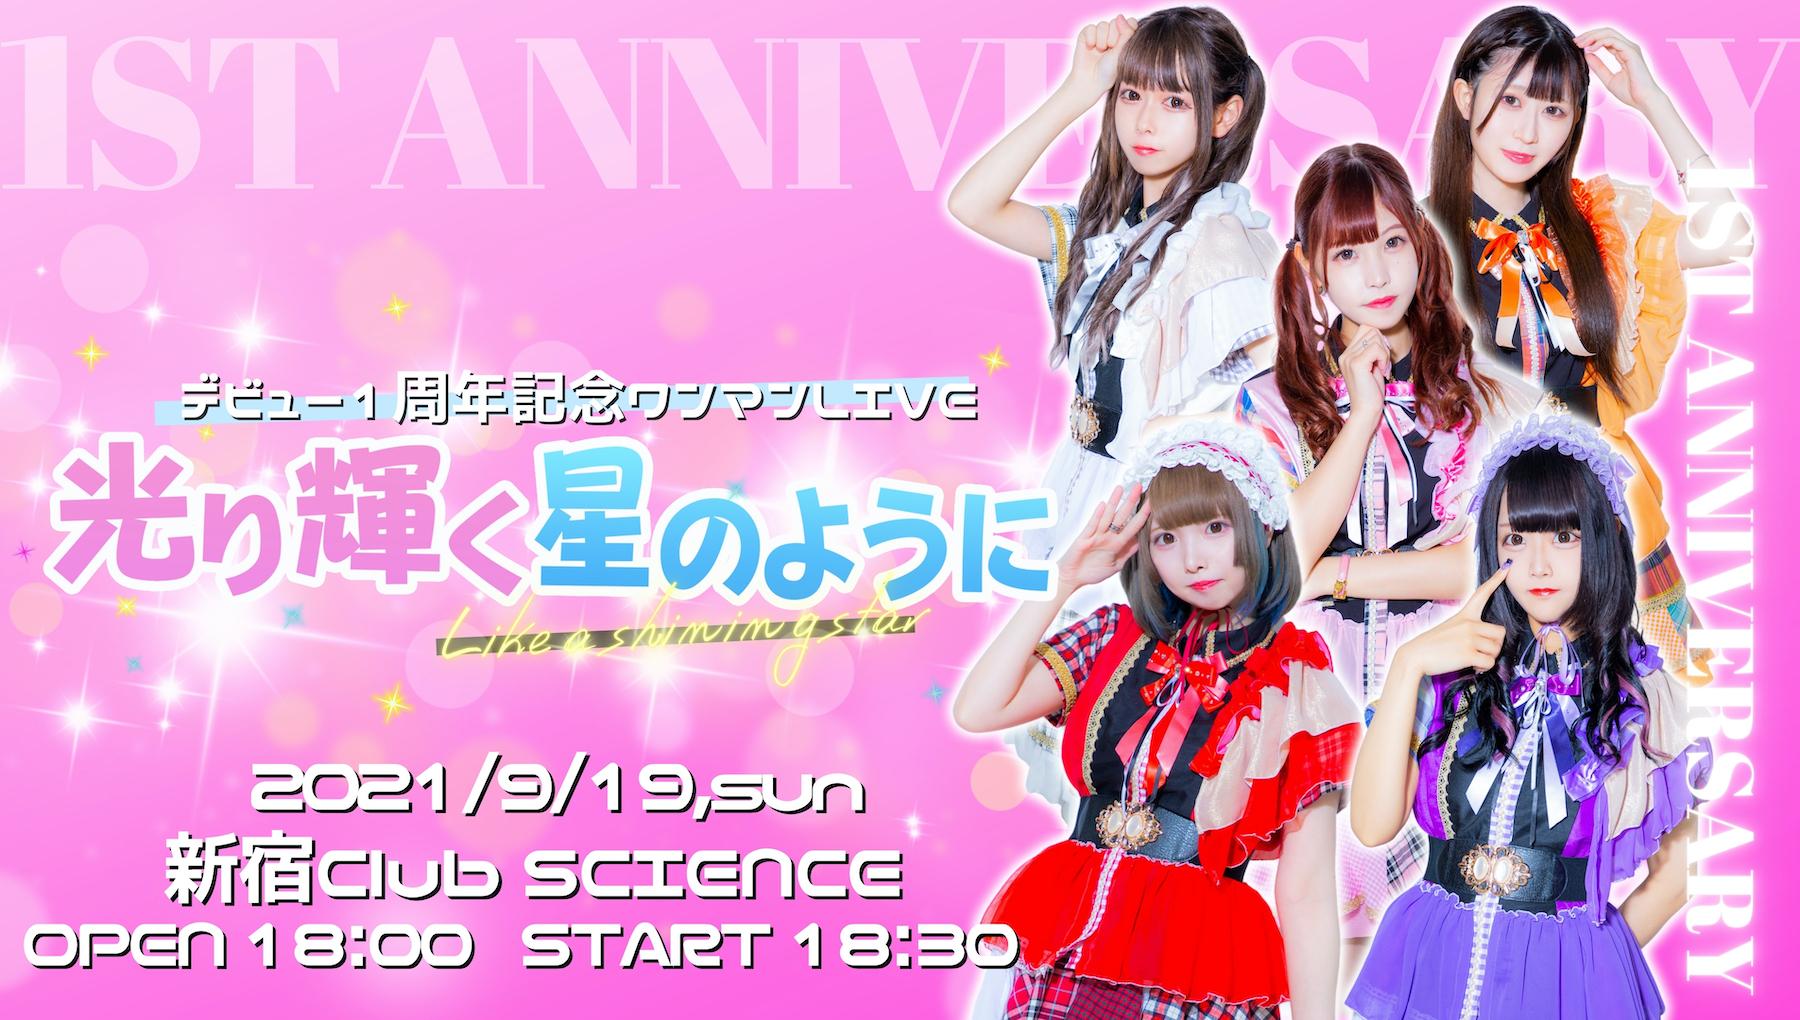 【2021年9月19日(日)-Starly☆1周年記念ワンマンLIVE-光り輝く星のように-イベント開催情報】